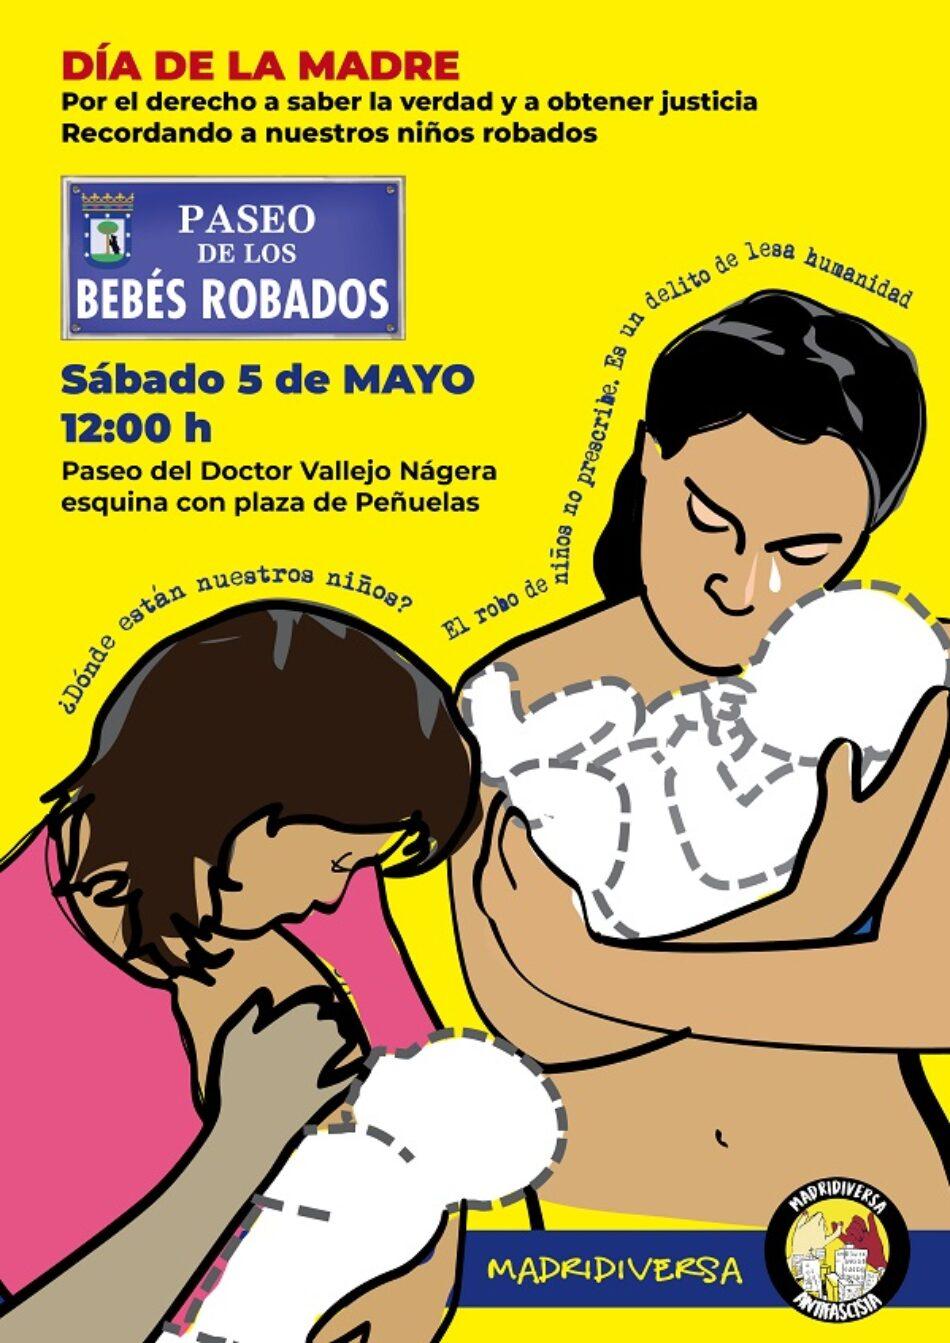 Acto-homenaje y recuerdo a los Bebés robados: ¡Rebautizo del Paseo! por Paseo de los Bebés Robados